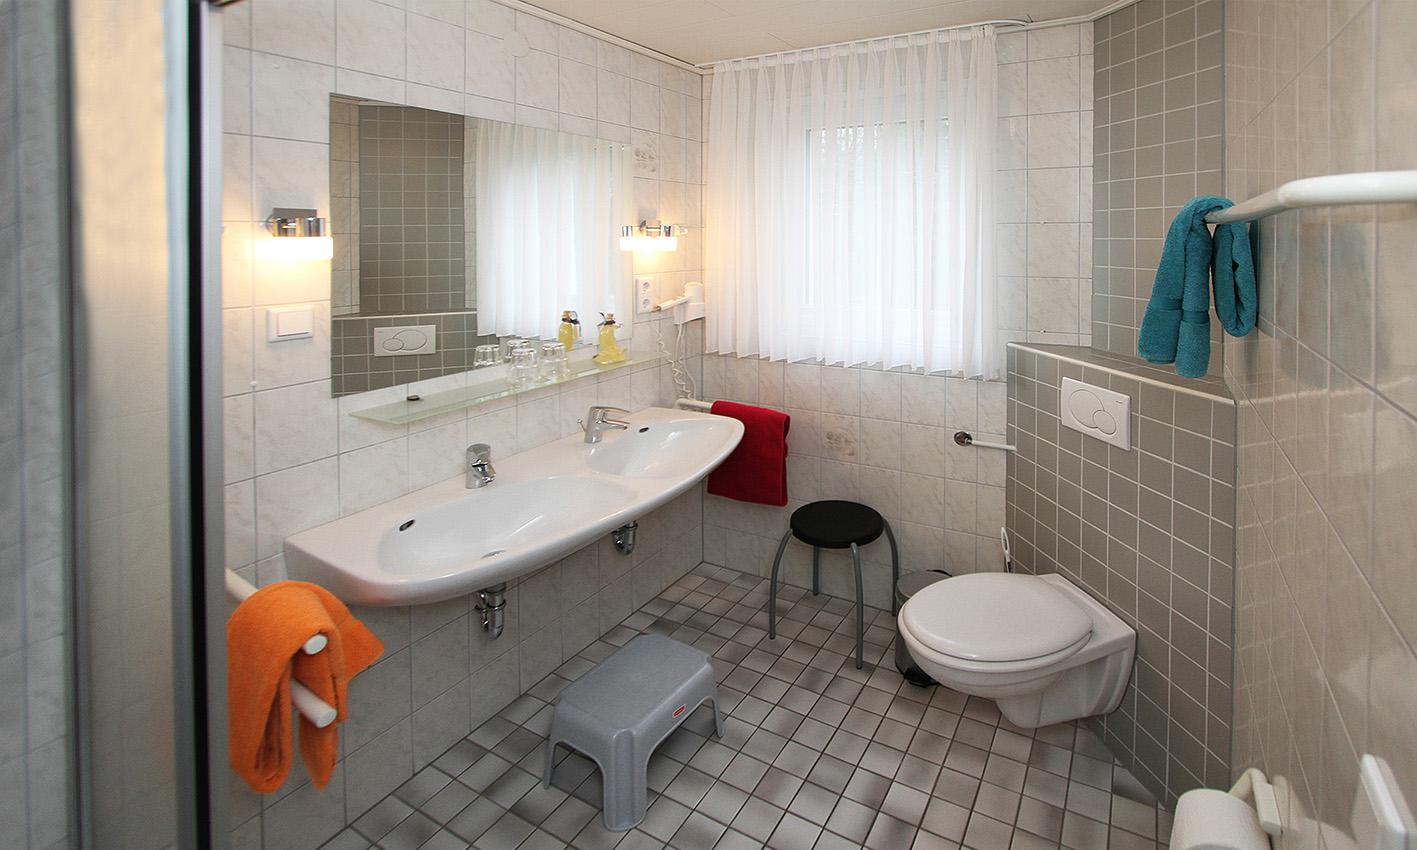 Ferienwohnung Hexenhäuschen - Badezimmer